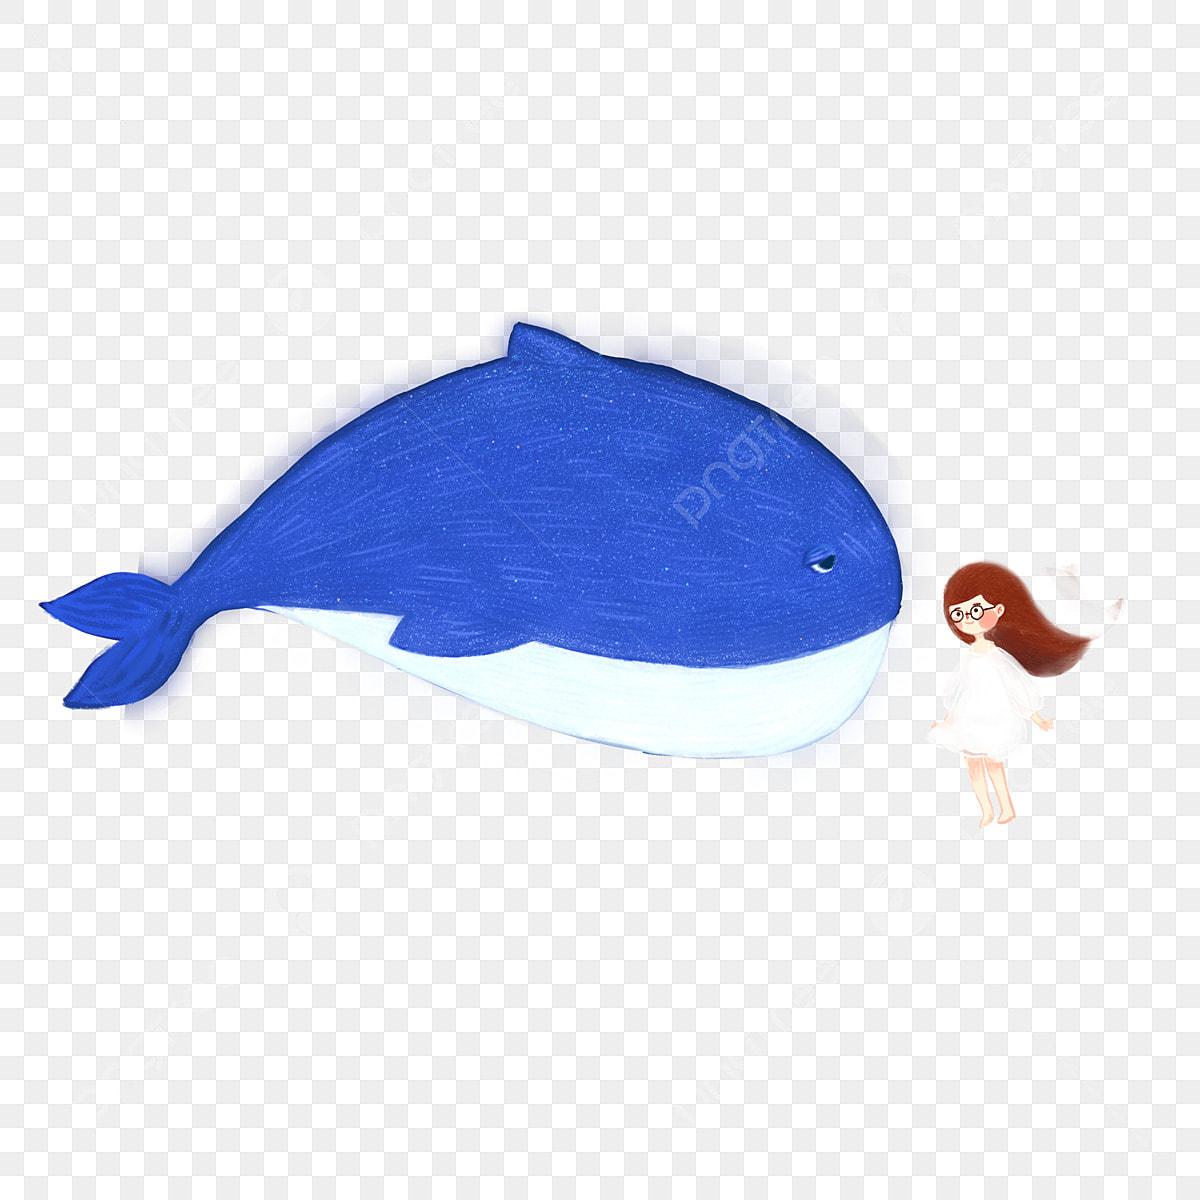 Download 770 Gambar Ikan Paus Kartun Terbaru Gambar Ikan